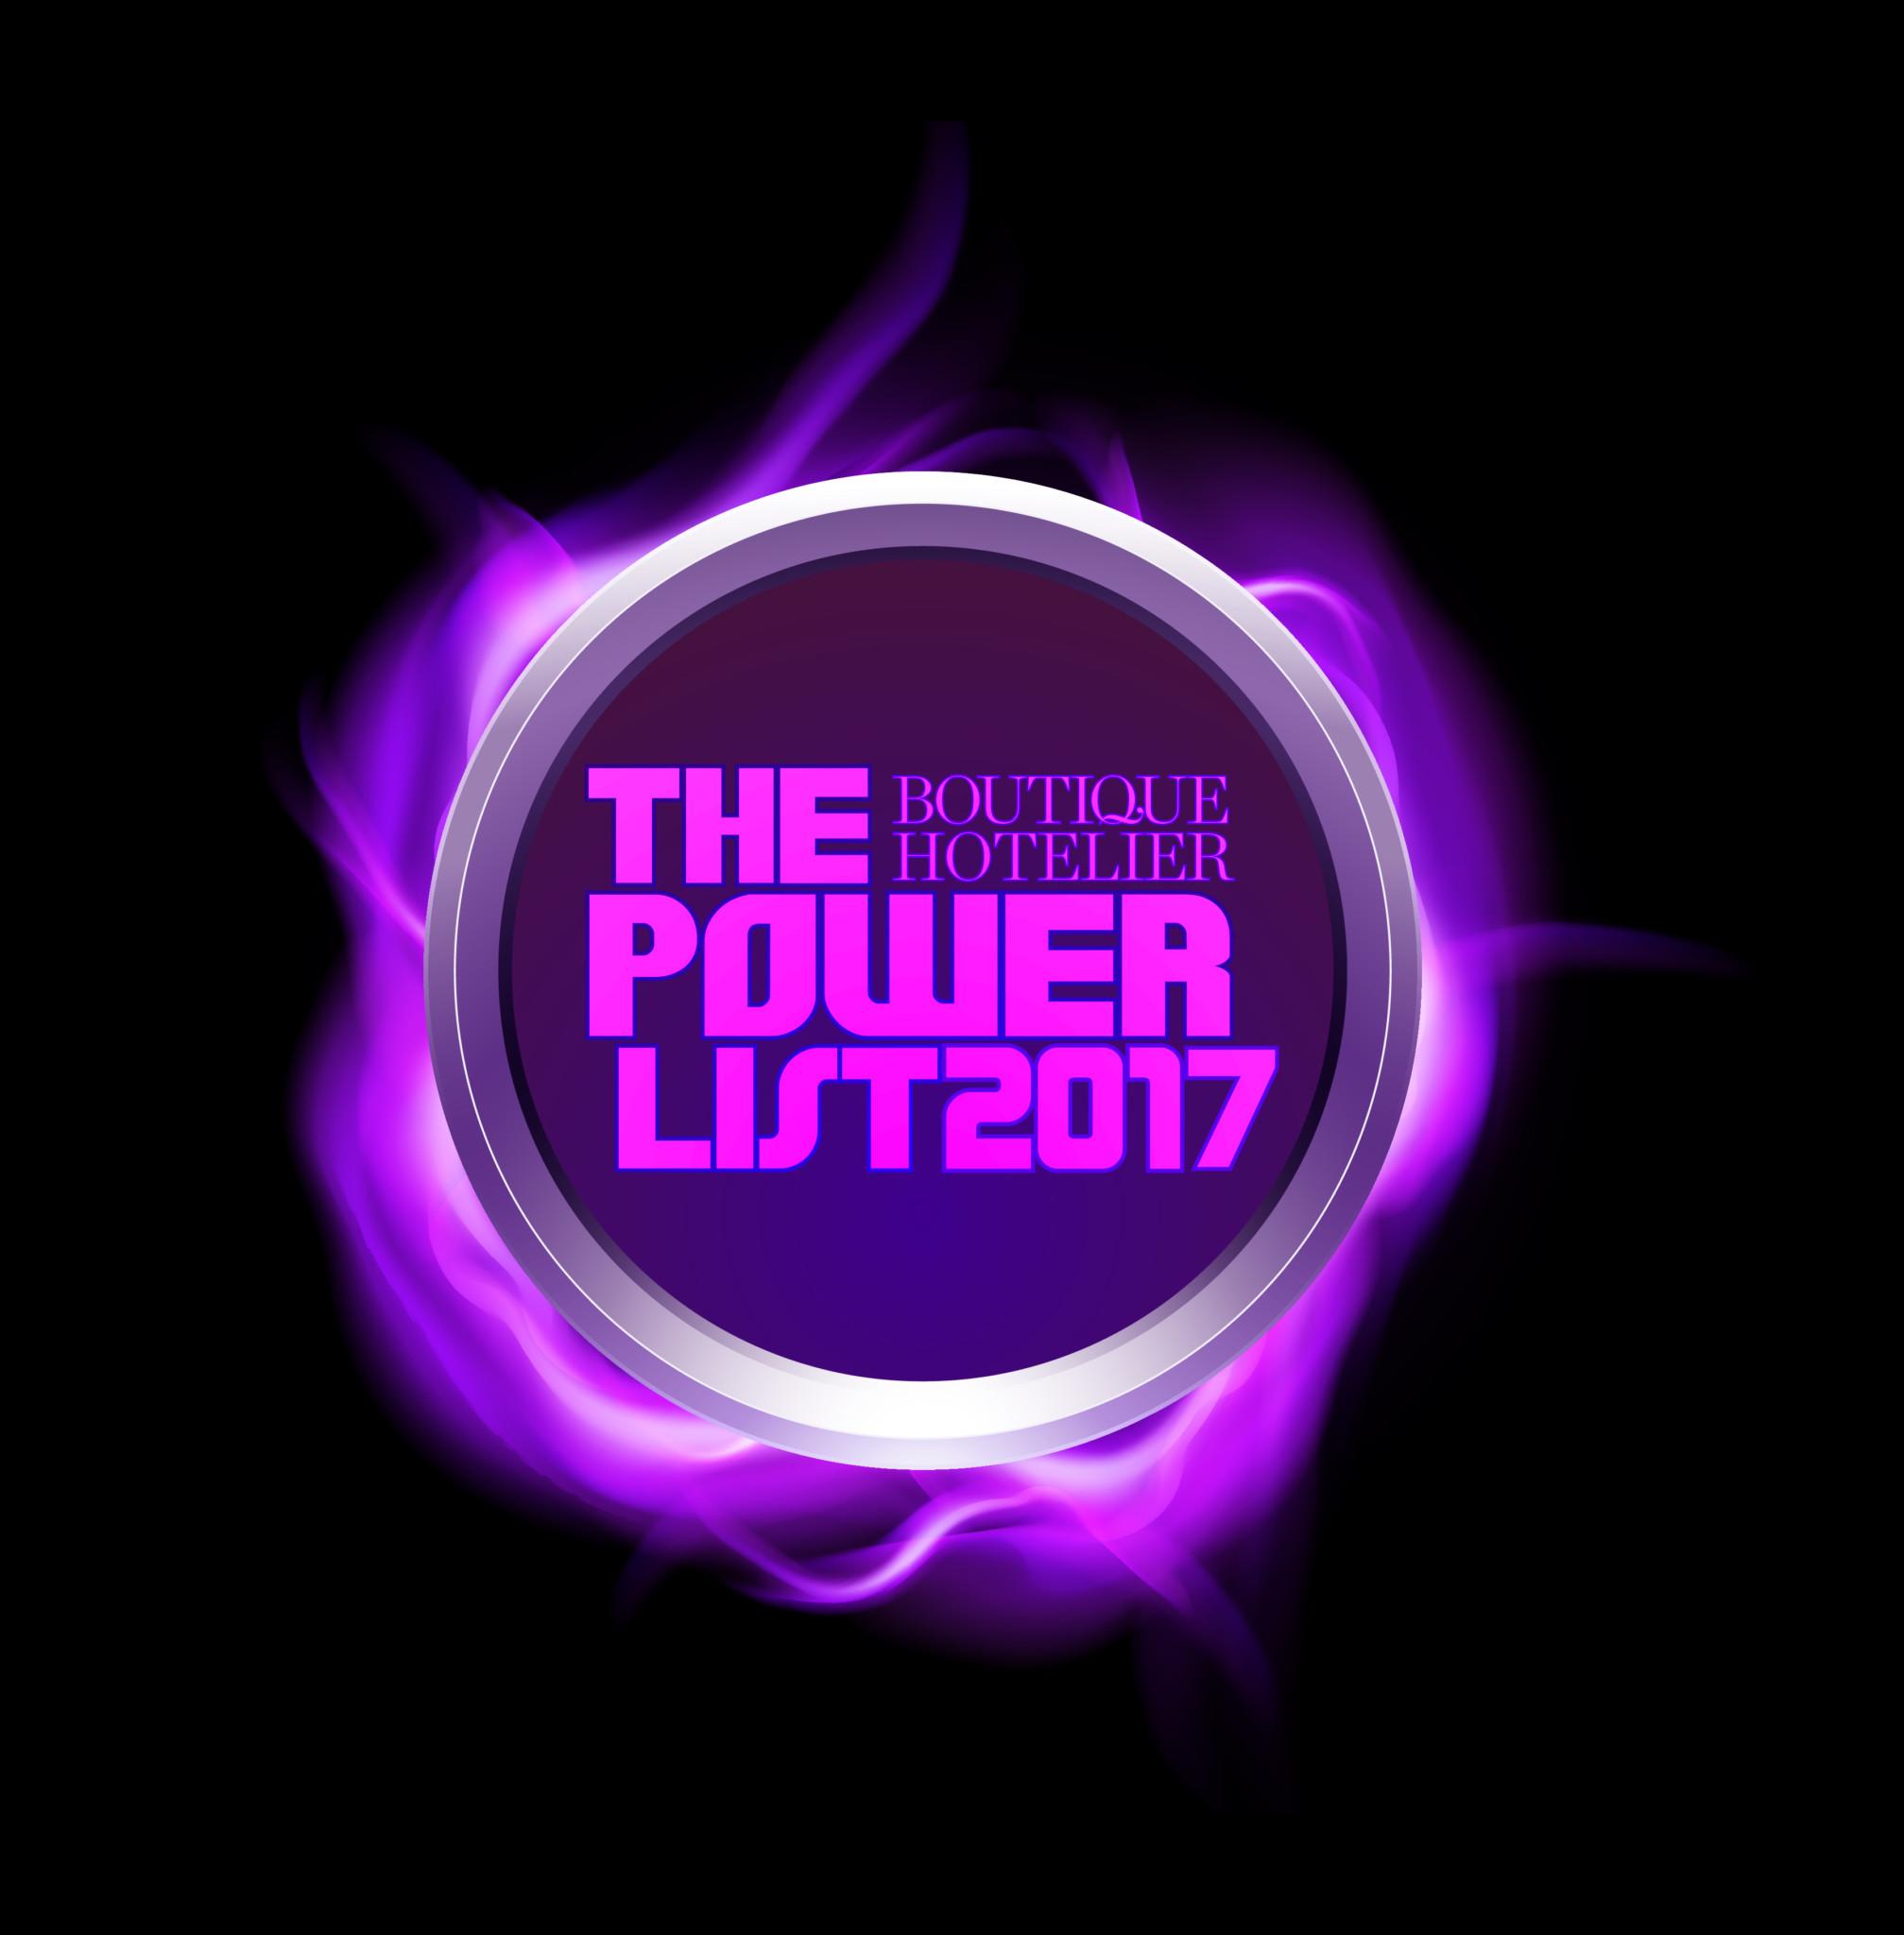 BH POWERLIST-2017